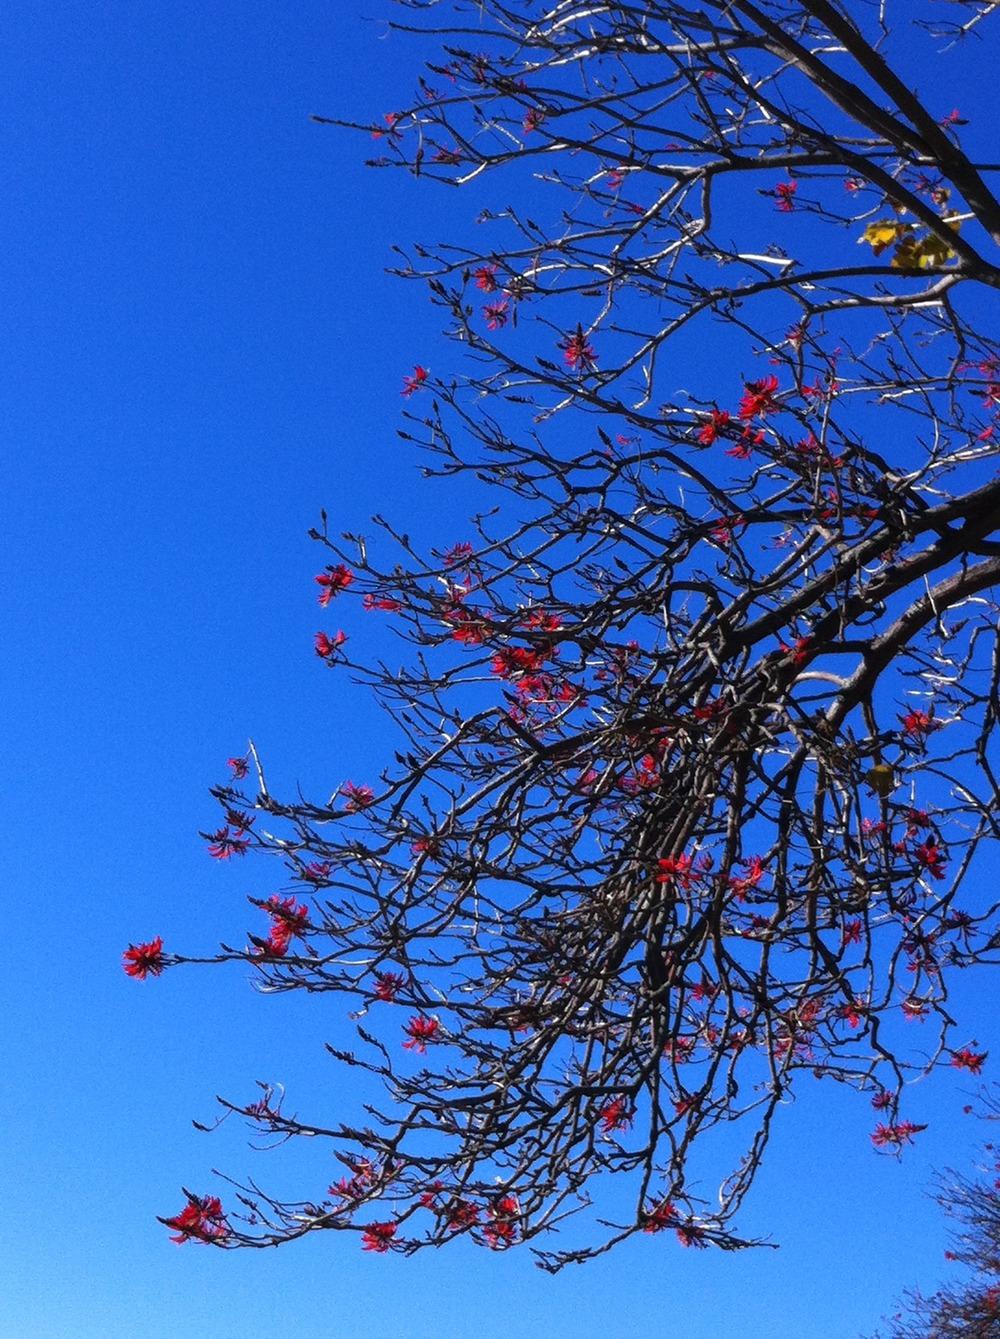 Winter in Queens Park